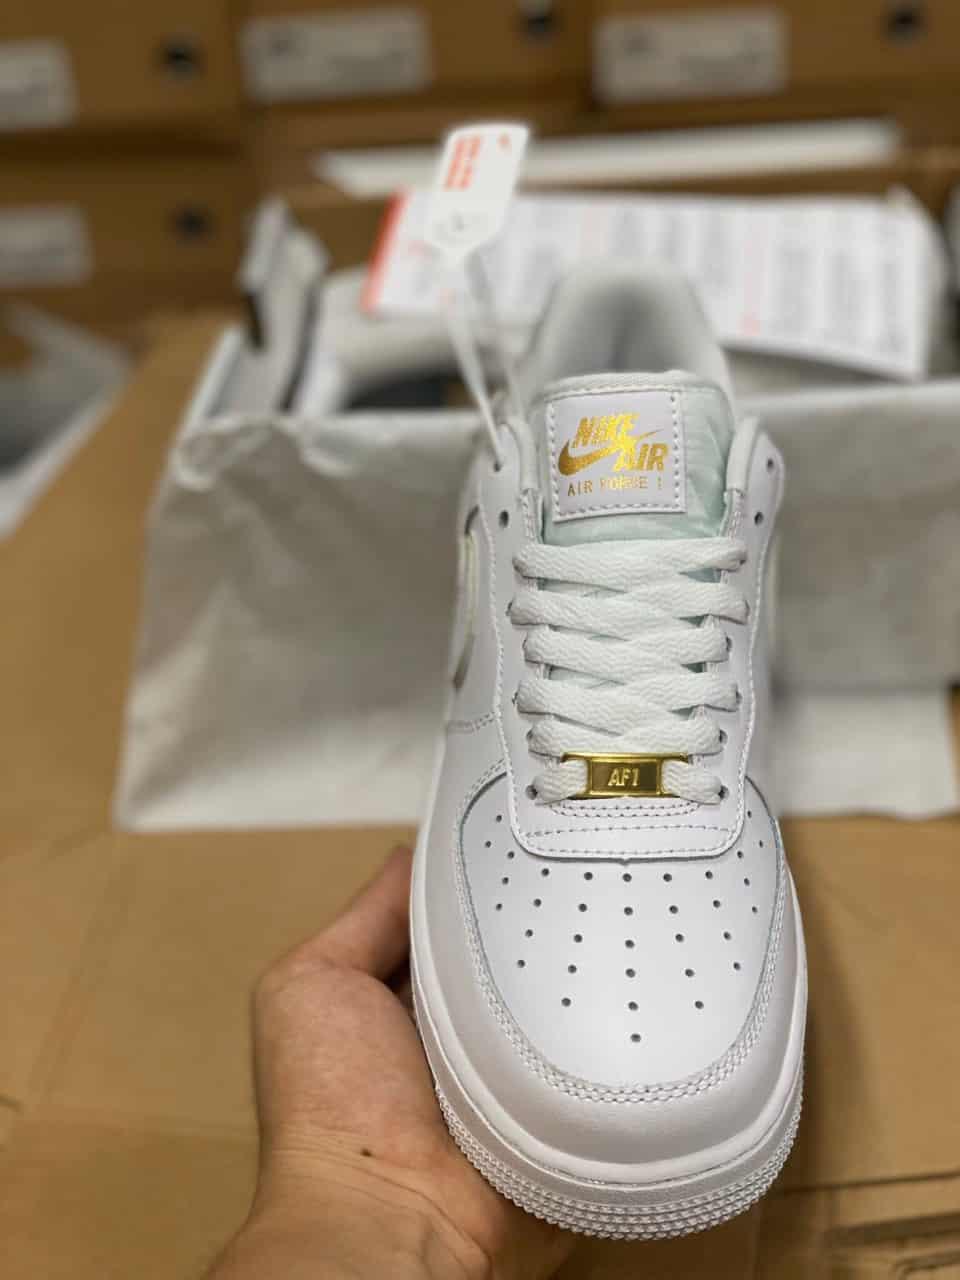 Giày thể thao Nike Air Force 1 Viền Vàng replica được nhiều giới trẻ lựa chọn